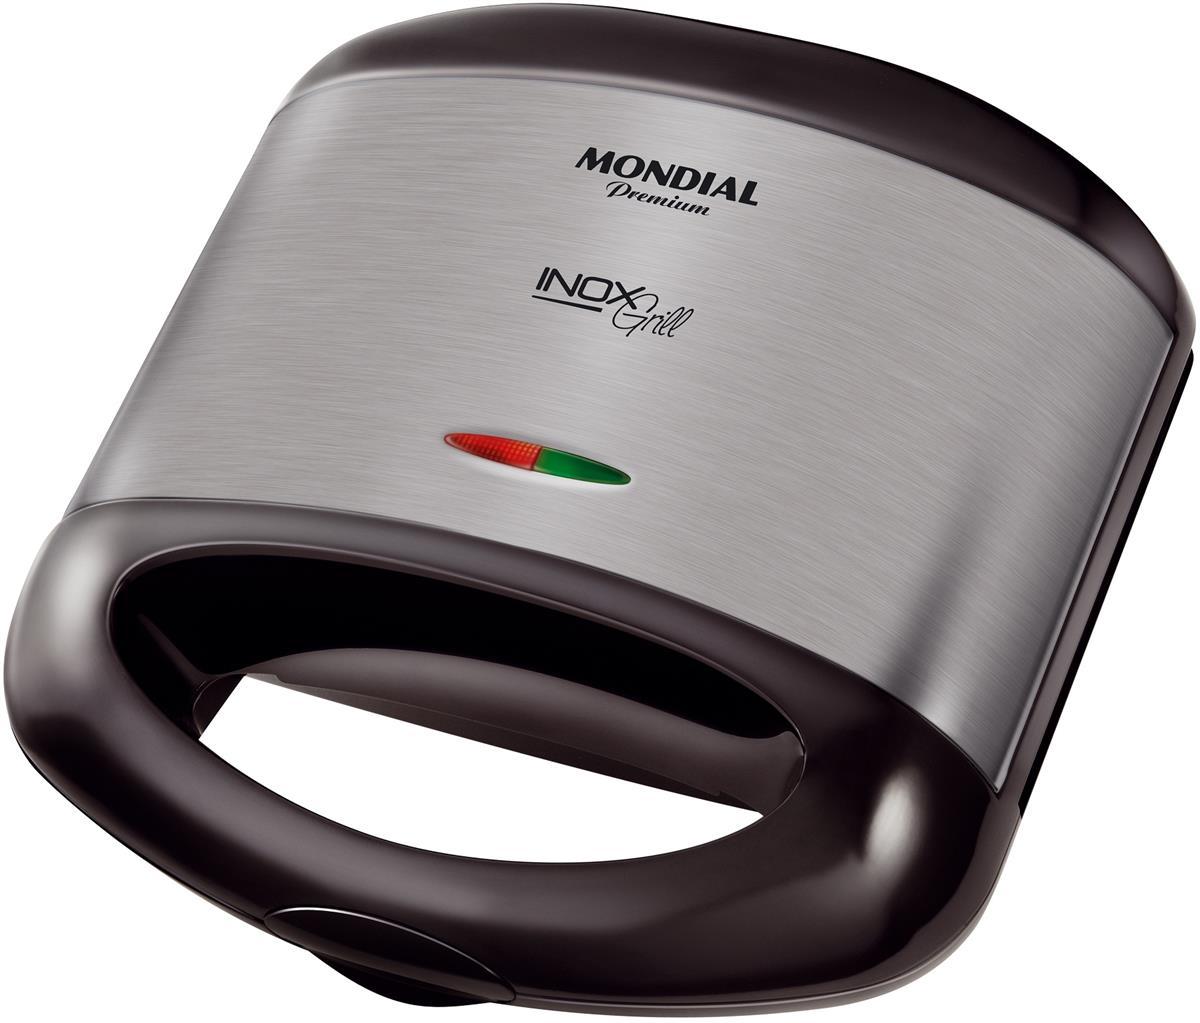 Grill e Sanduicheira Mondial Premium S-07 Inox 127v